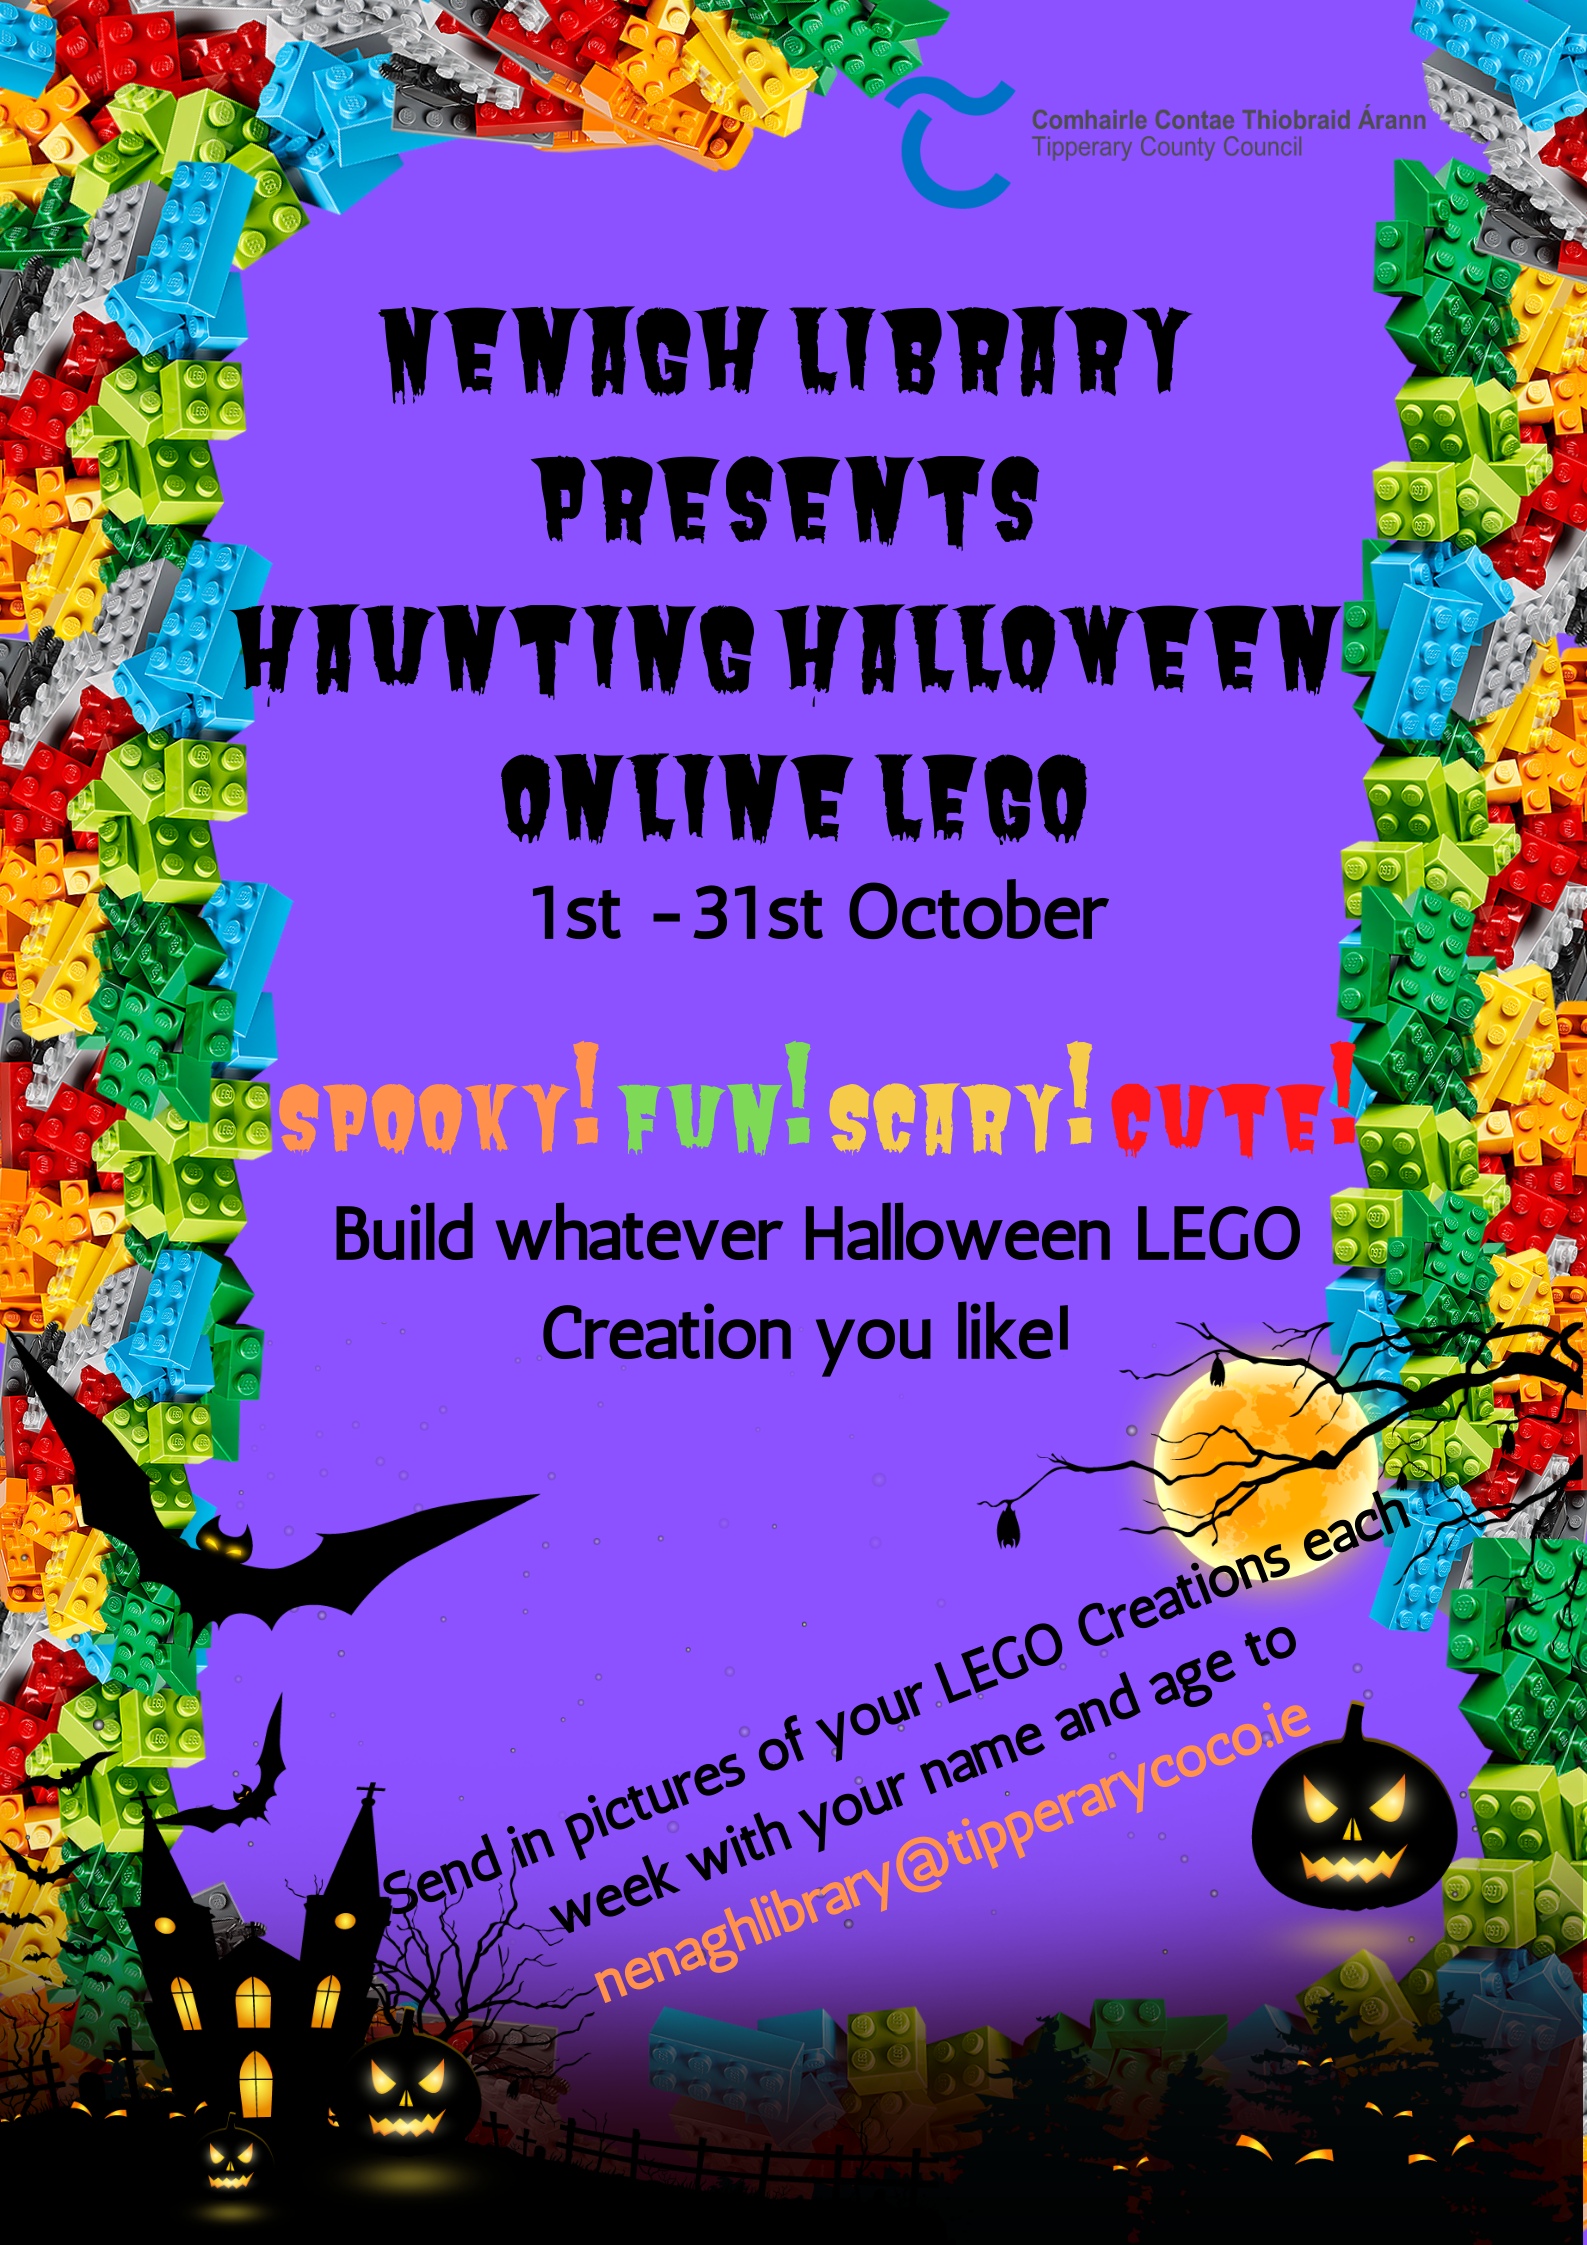 Halloween Online LEGO Poster